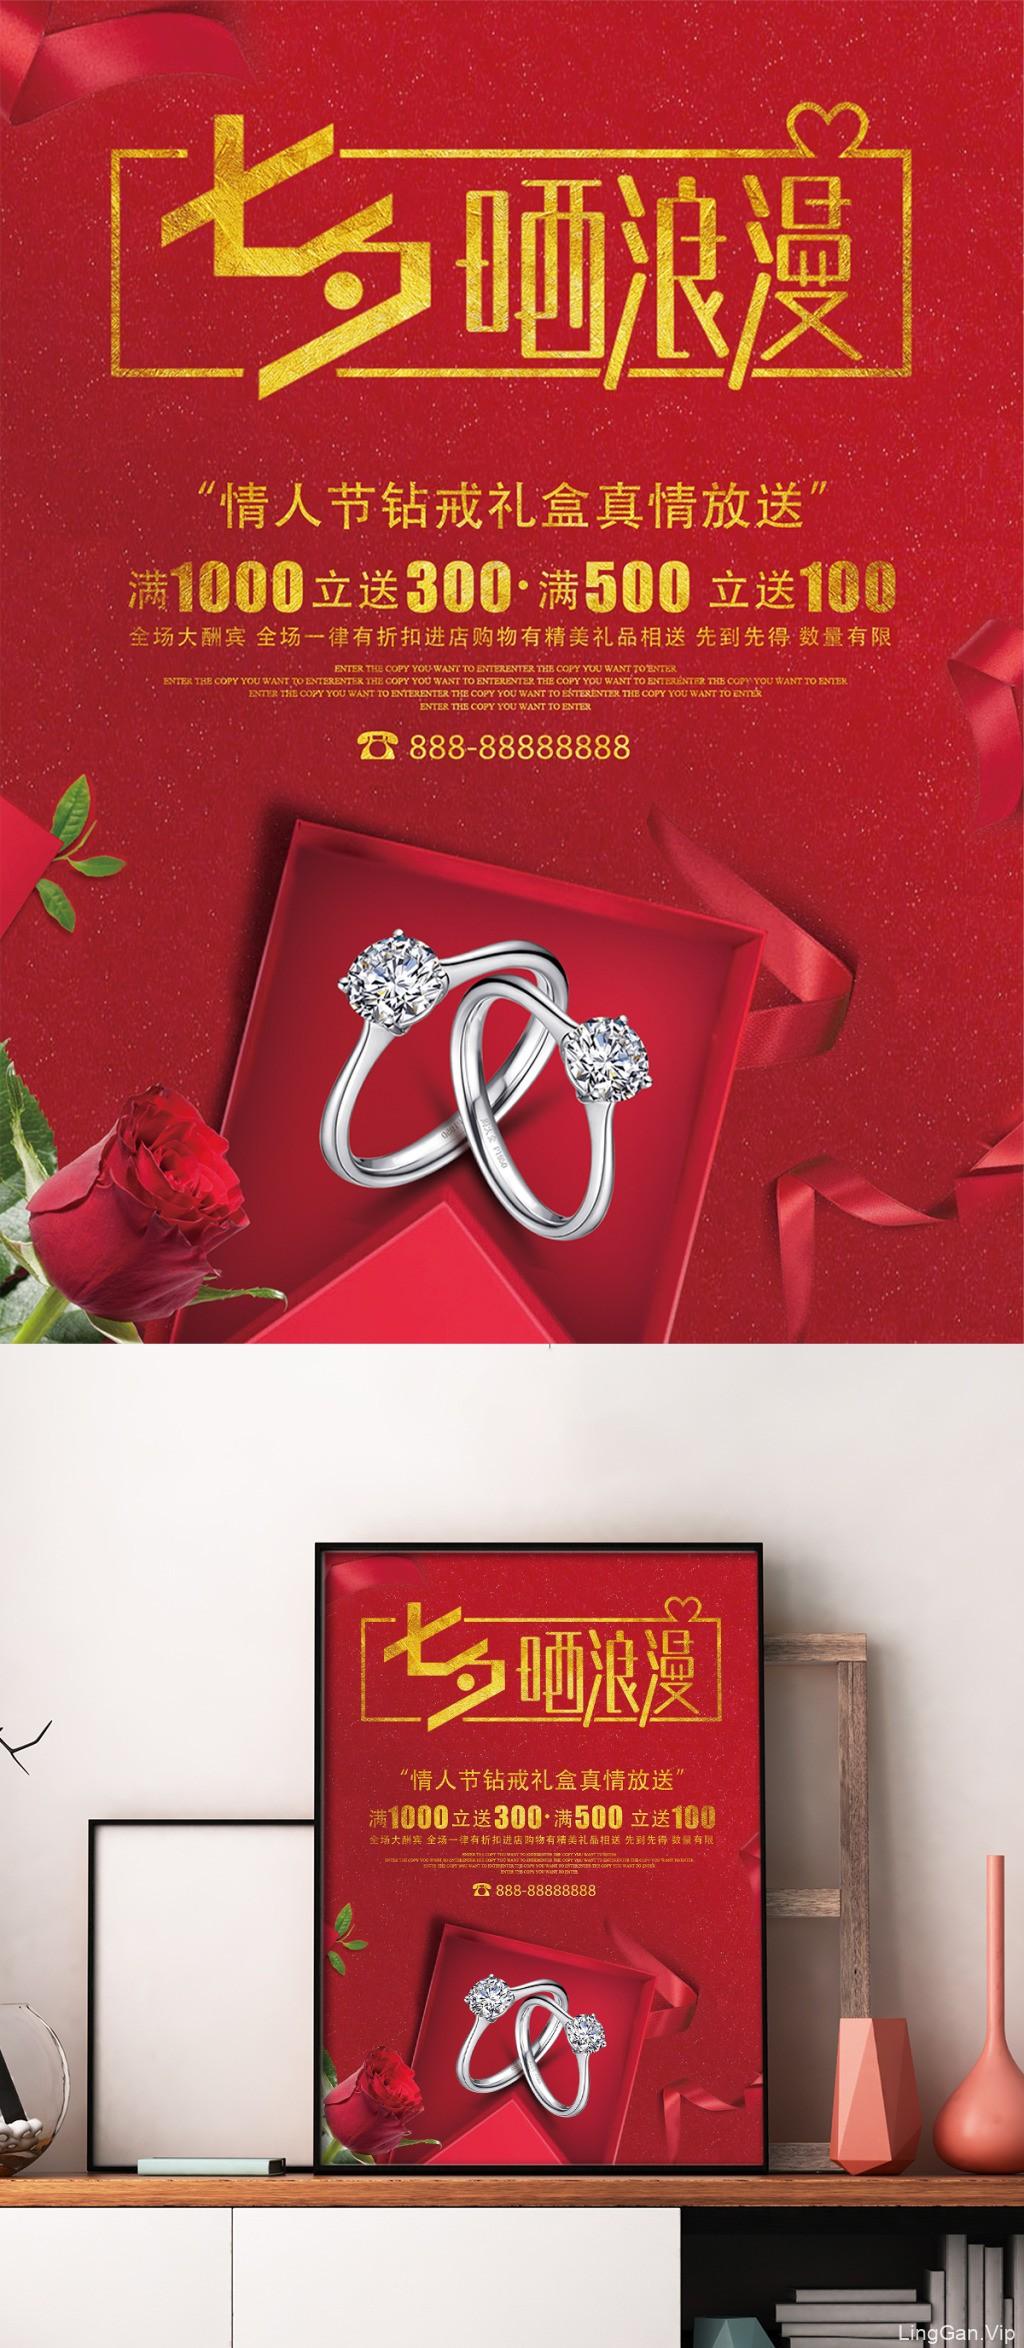 2017七夕晒浪漫情人节约惠商场促销海报设计